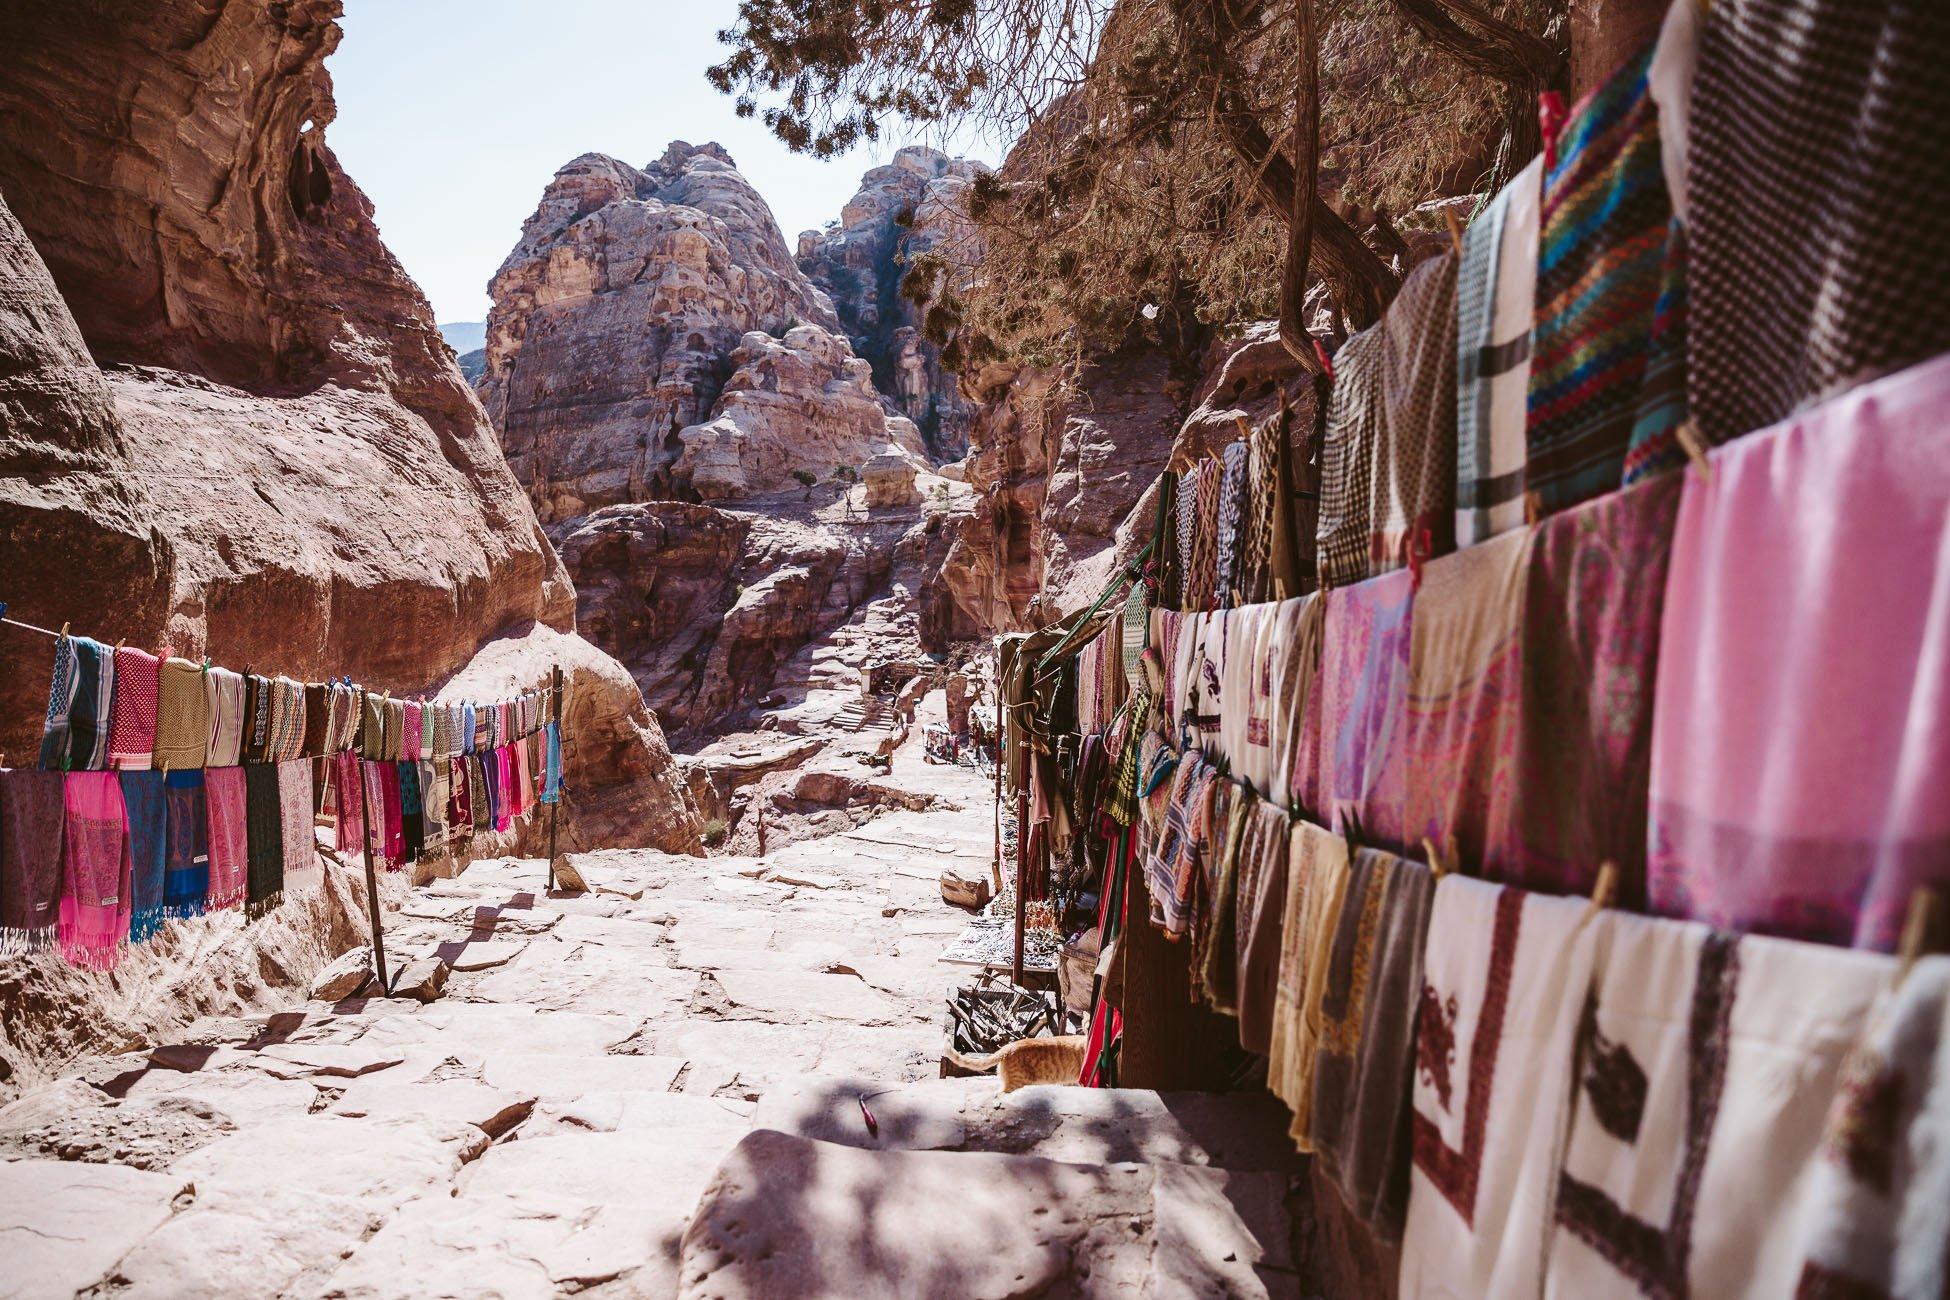 Bedouin stalls in Petra